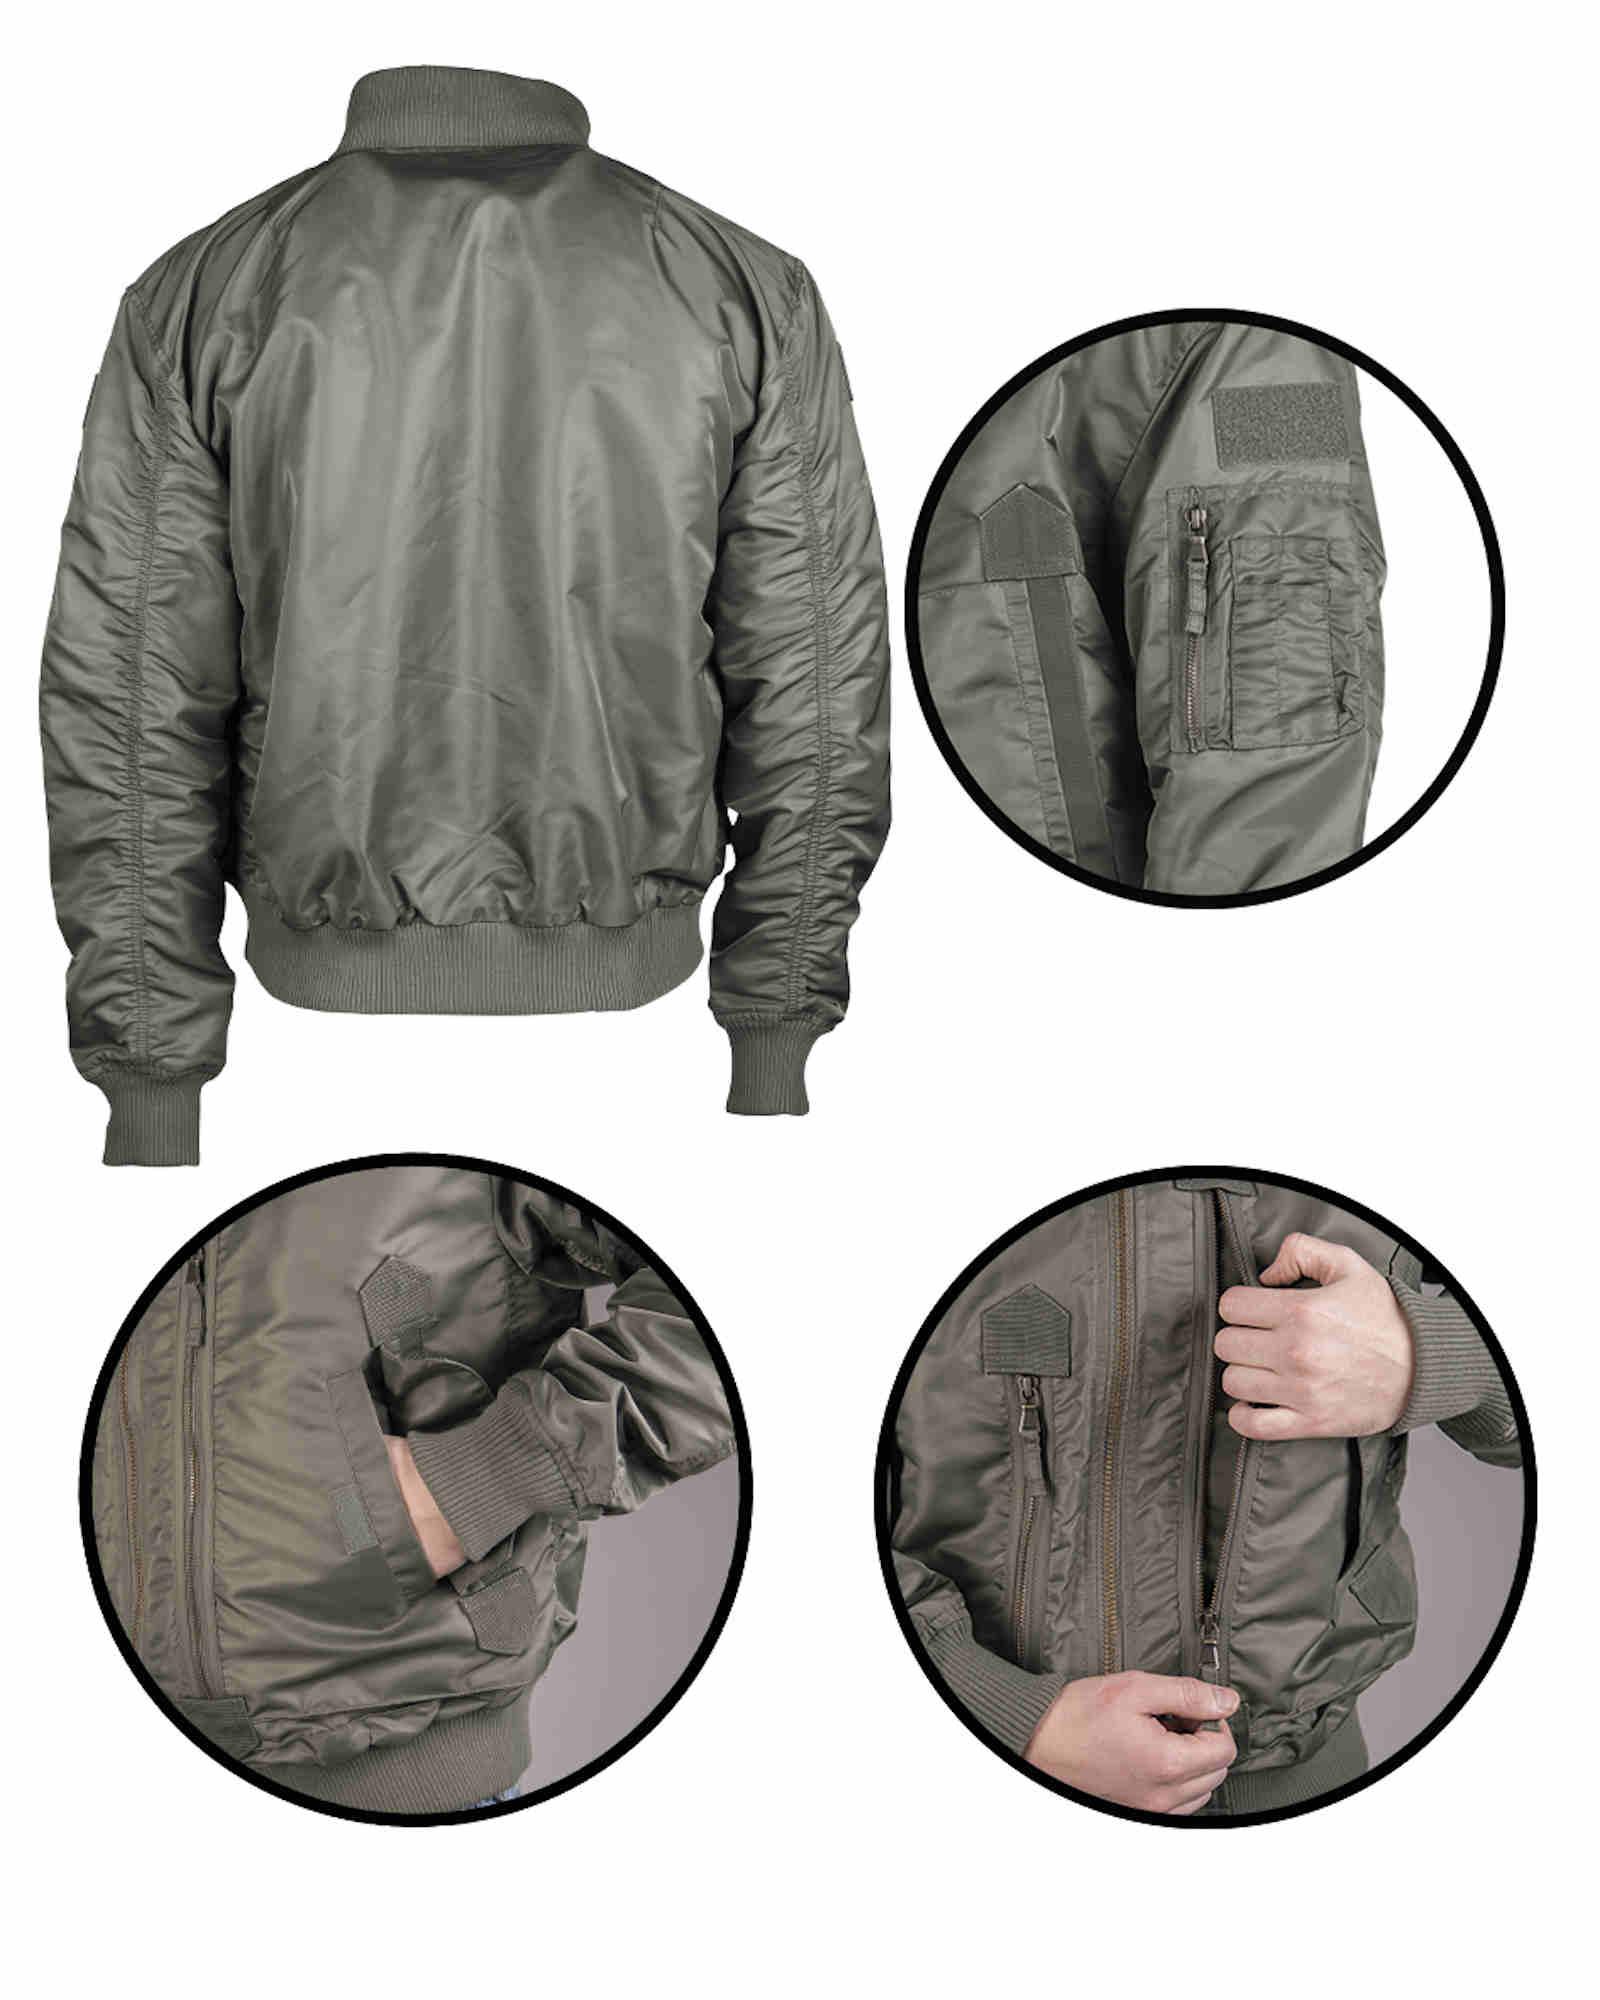 Mil-Tec US TACTICAL FLIEGERJACKE OLIV Outdoorjacke Jacke